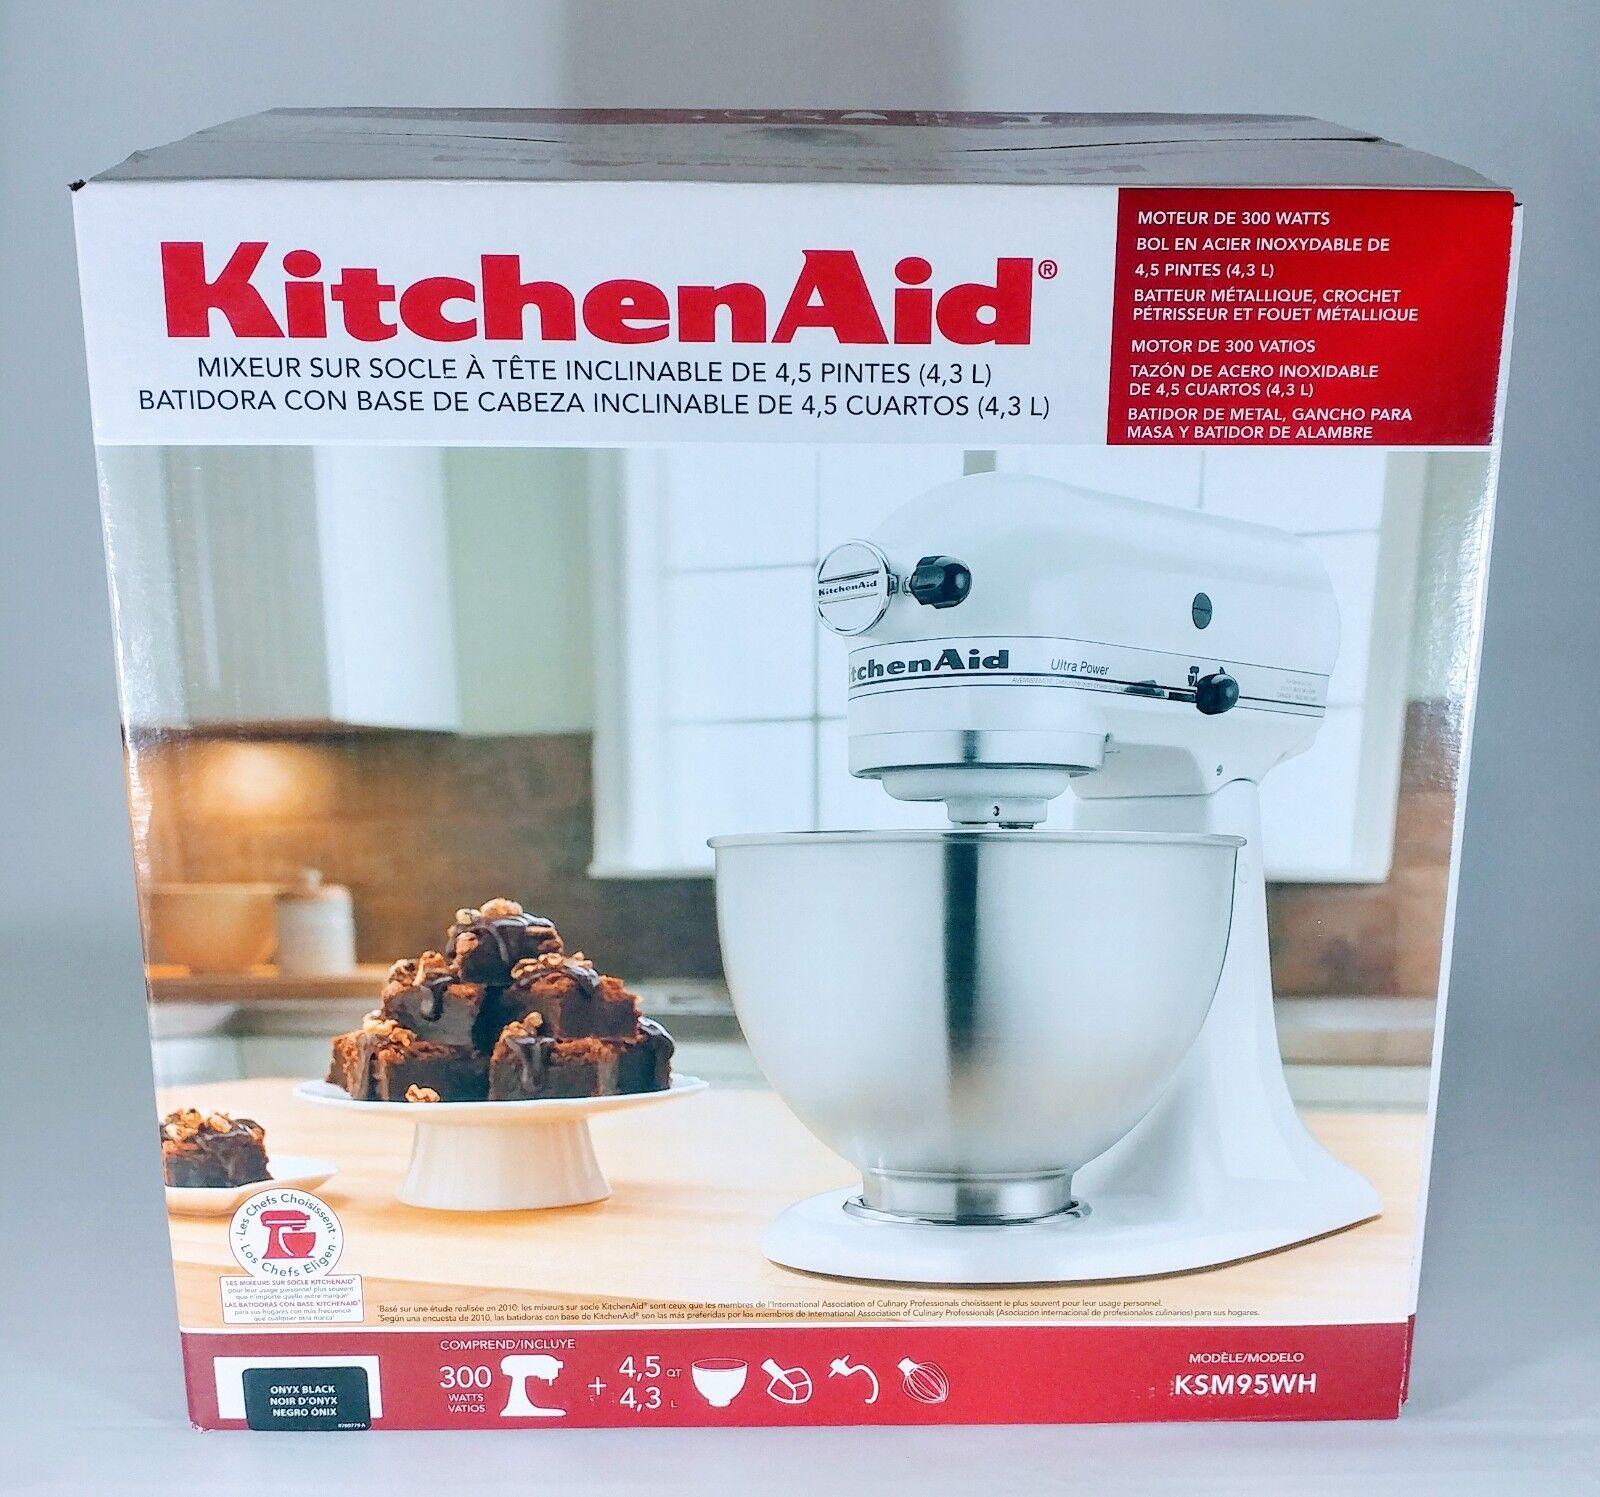 KitchenAid KSM95ER 300 Watts Stand Mixer | eBay